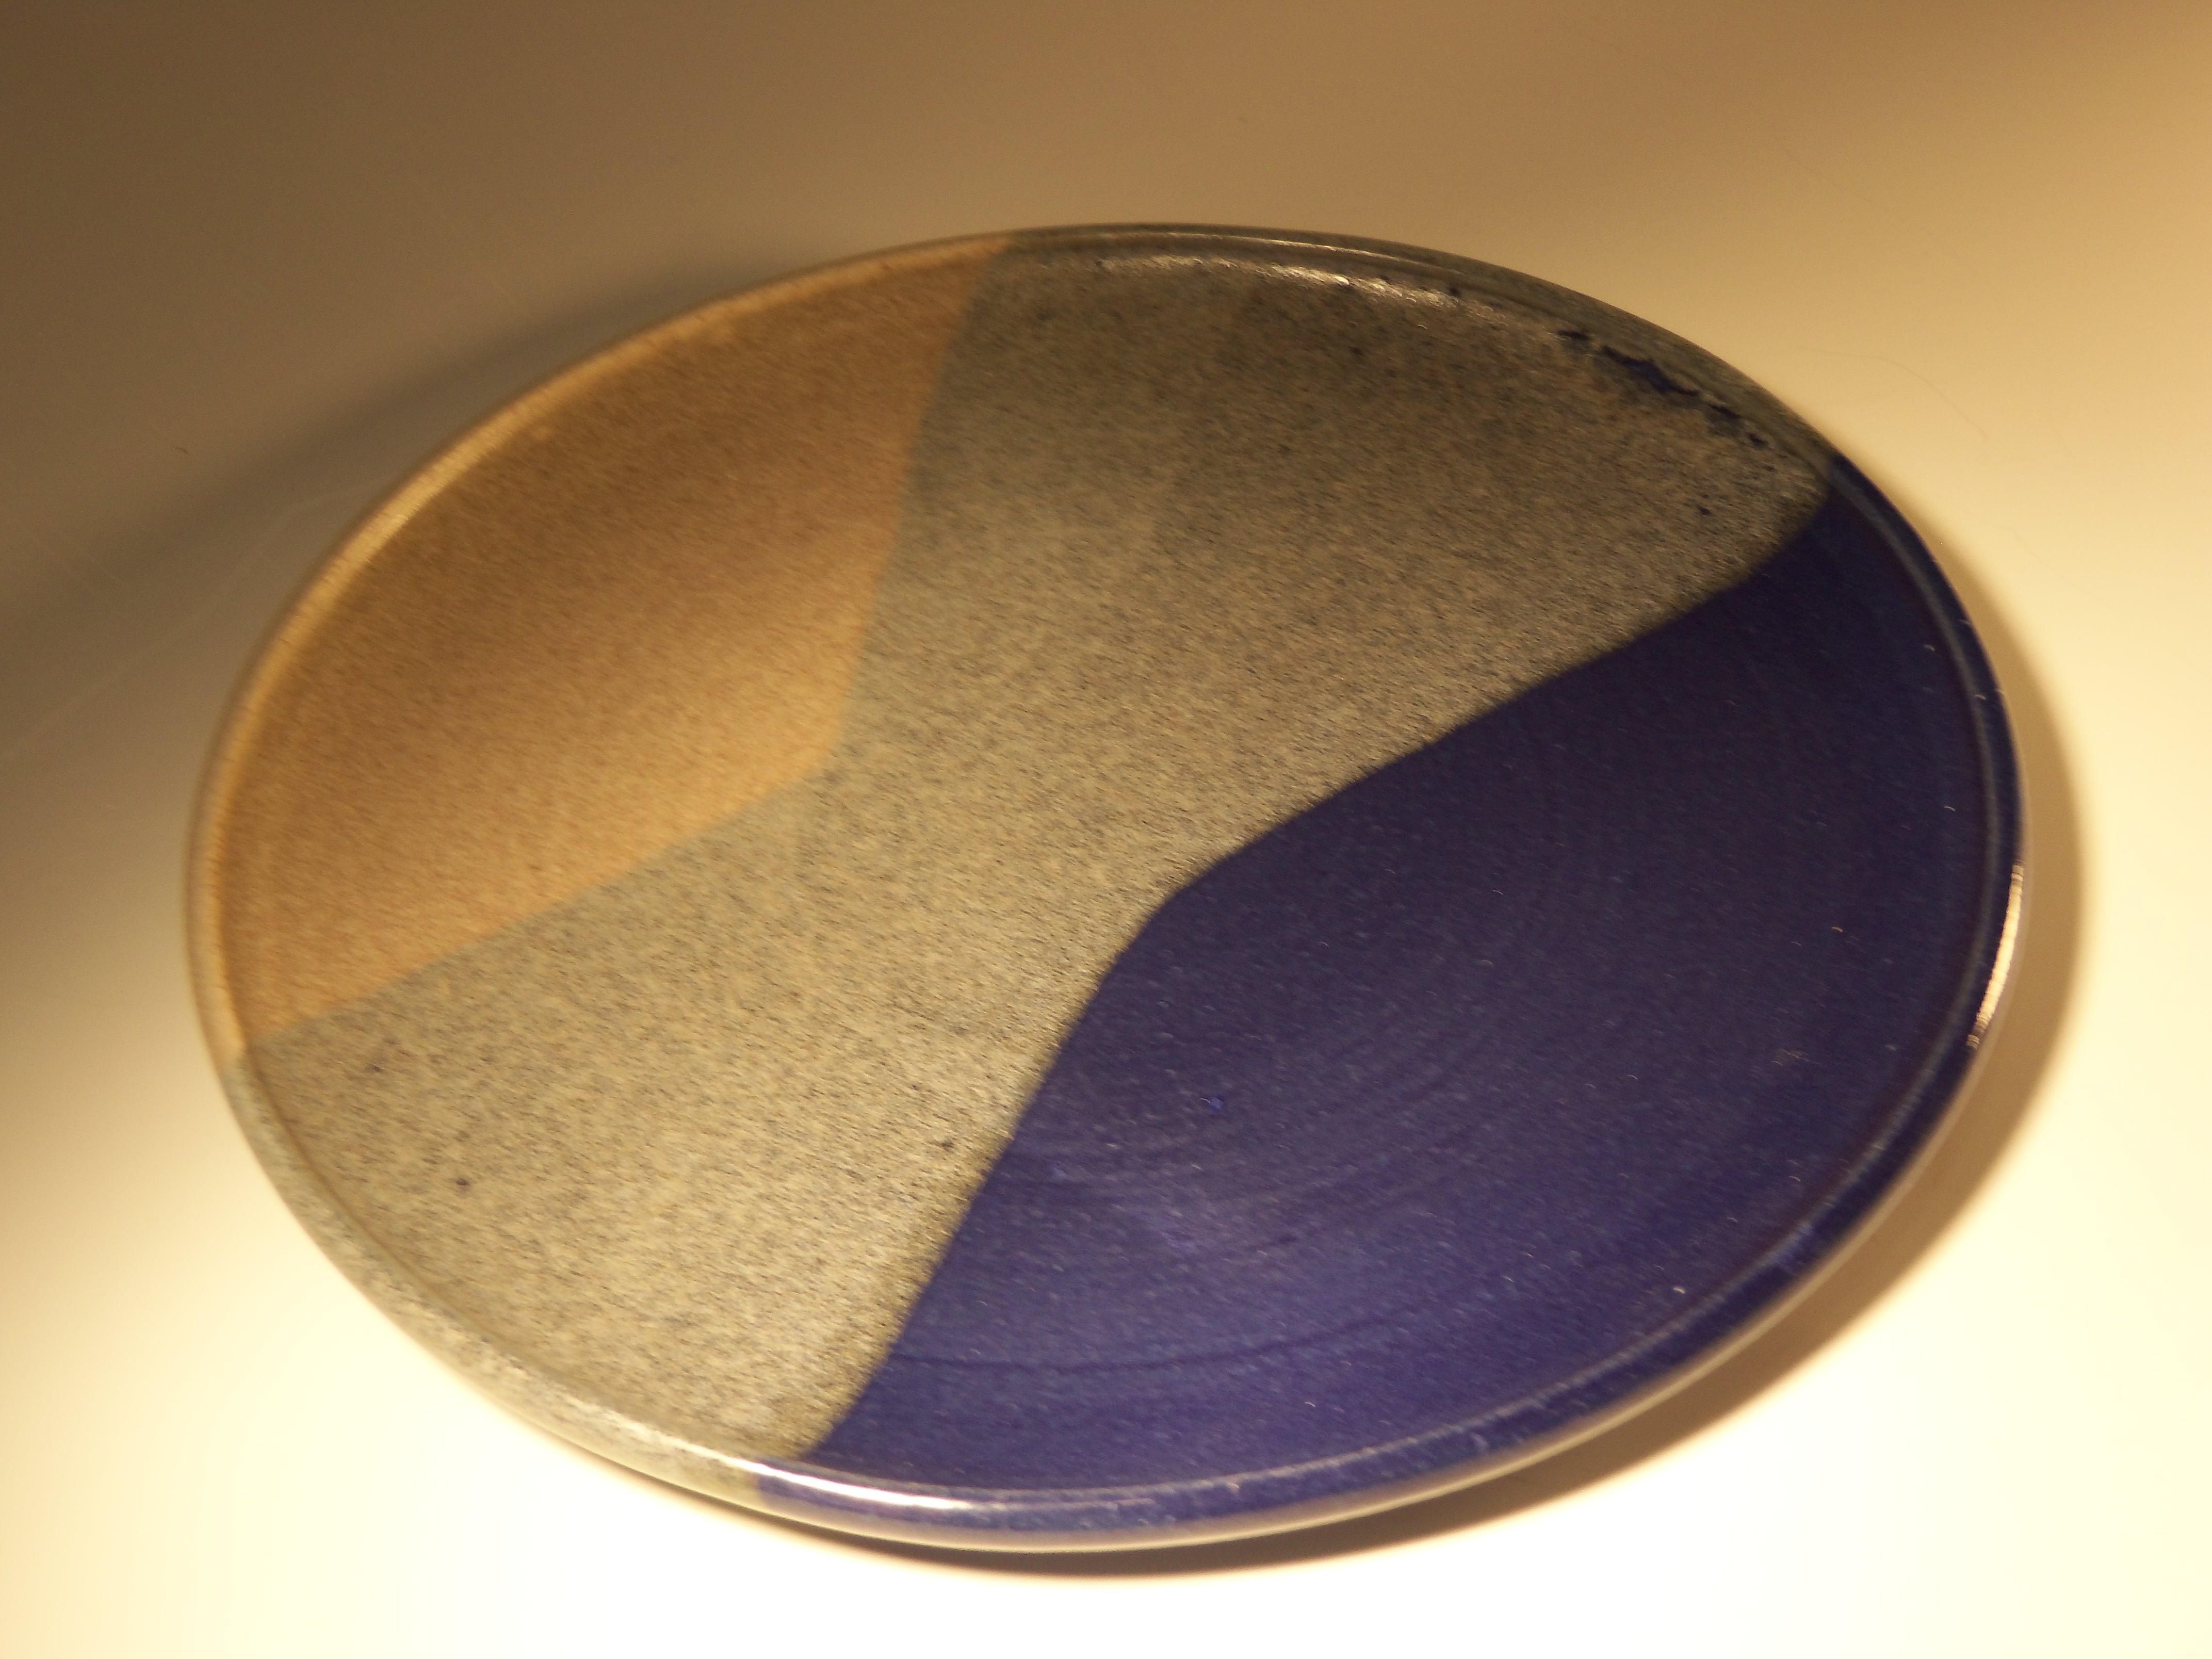 Dinner Plate Rounded Rim